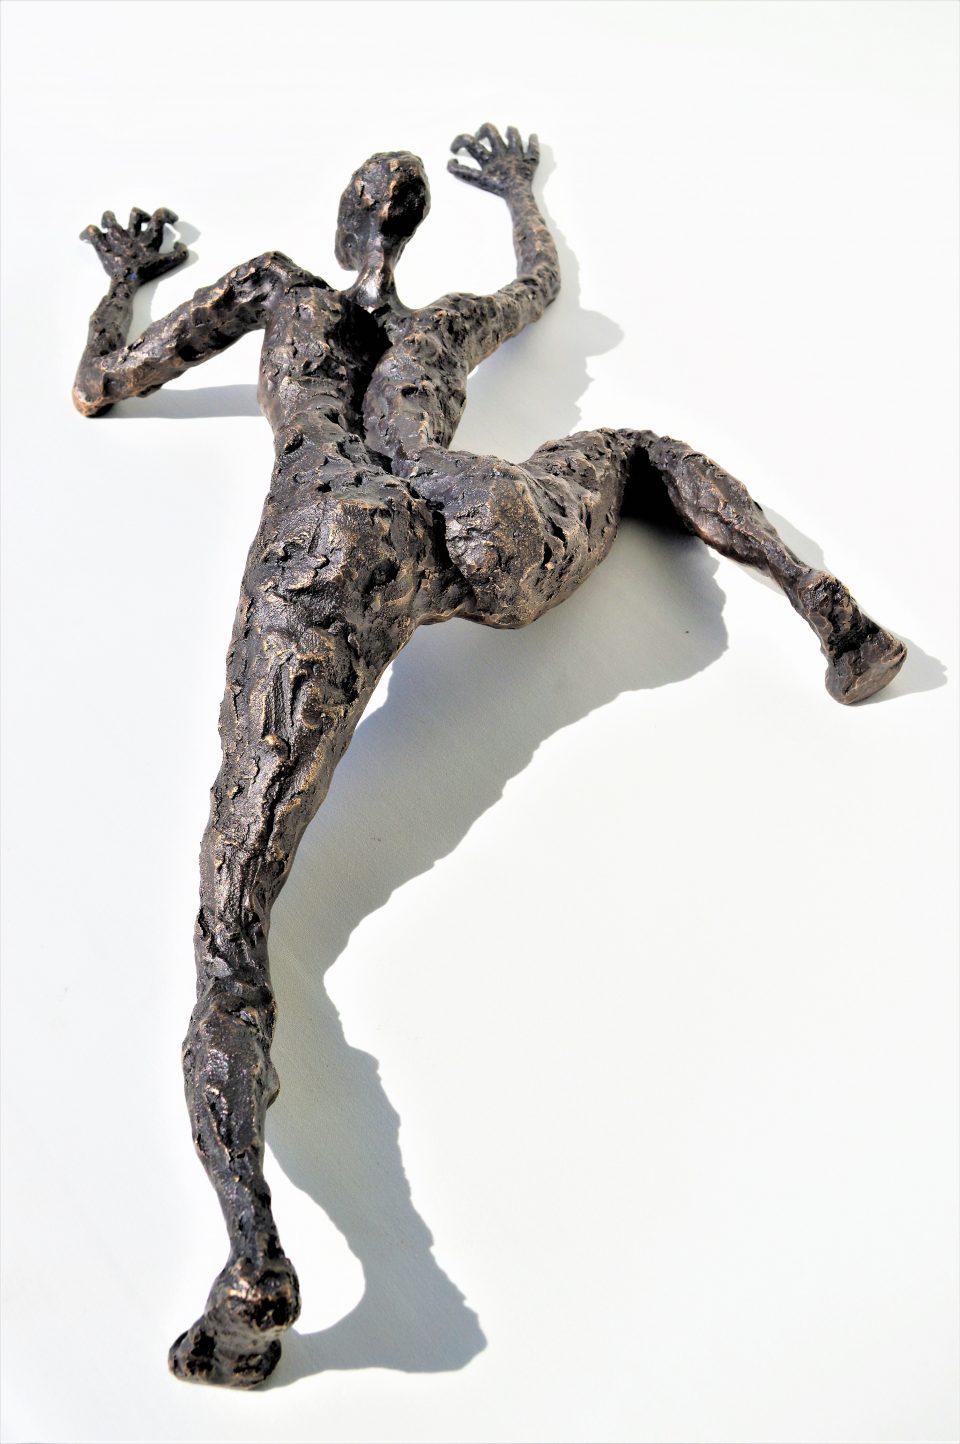 LINÉ Strenght 60 cm L 960x1444 - Bronze Sculptures of Liné Ringtved Thordarson